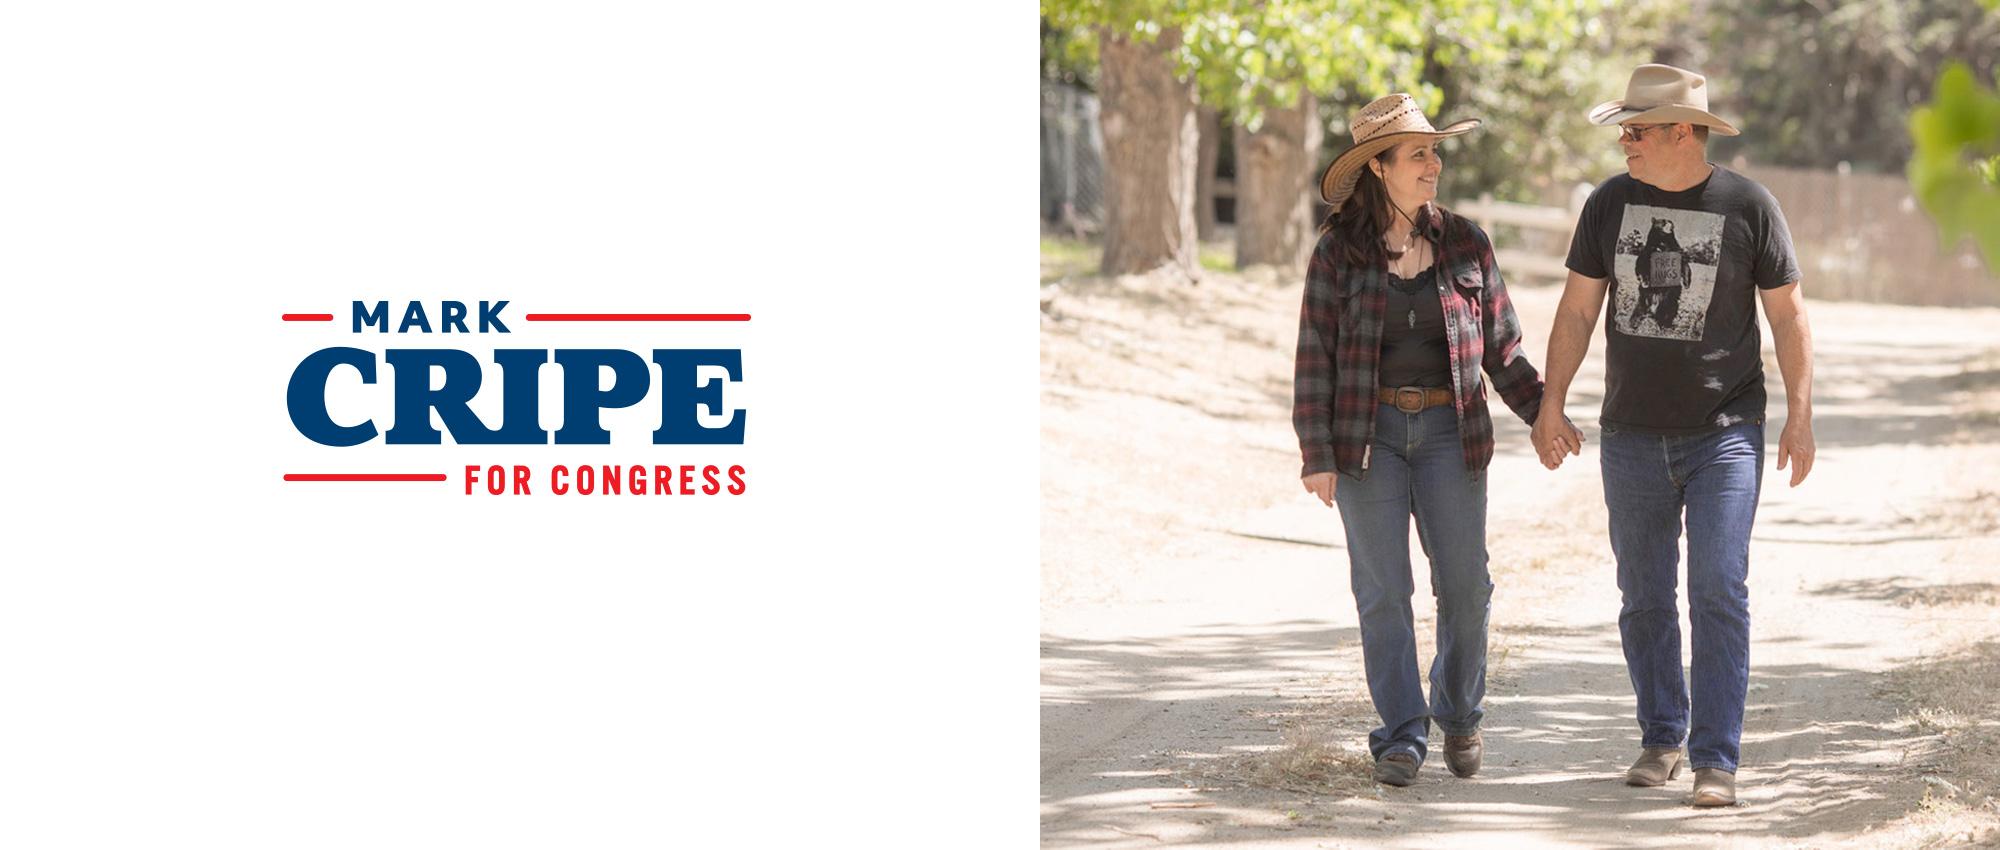 Mark Cripe Campaign